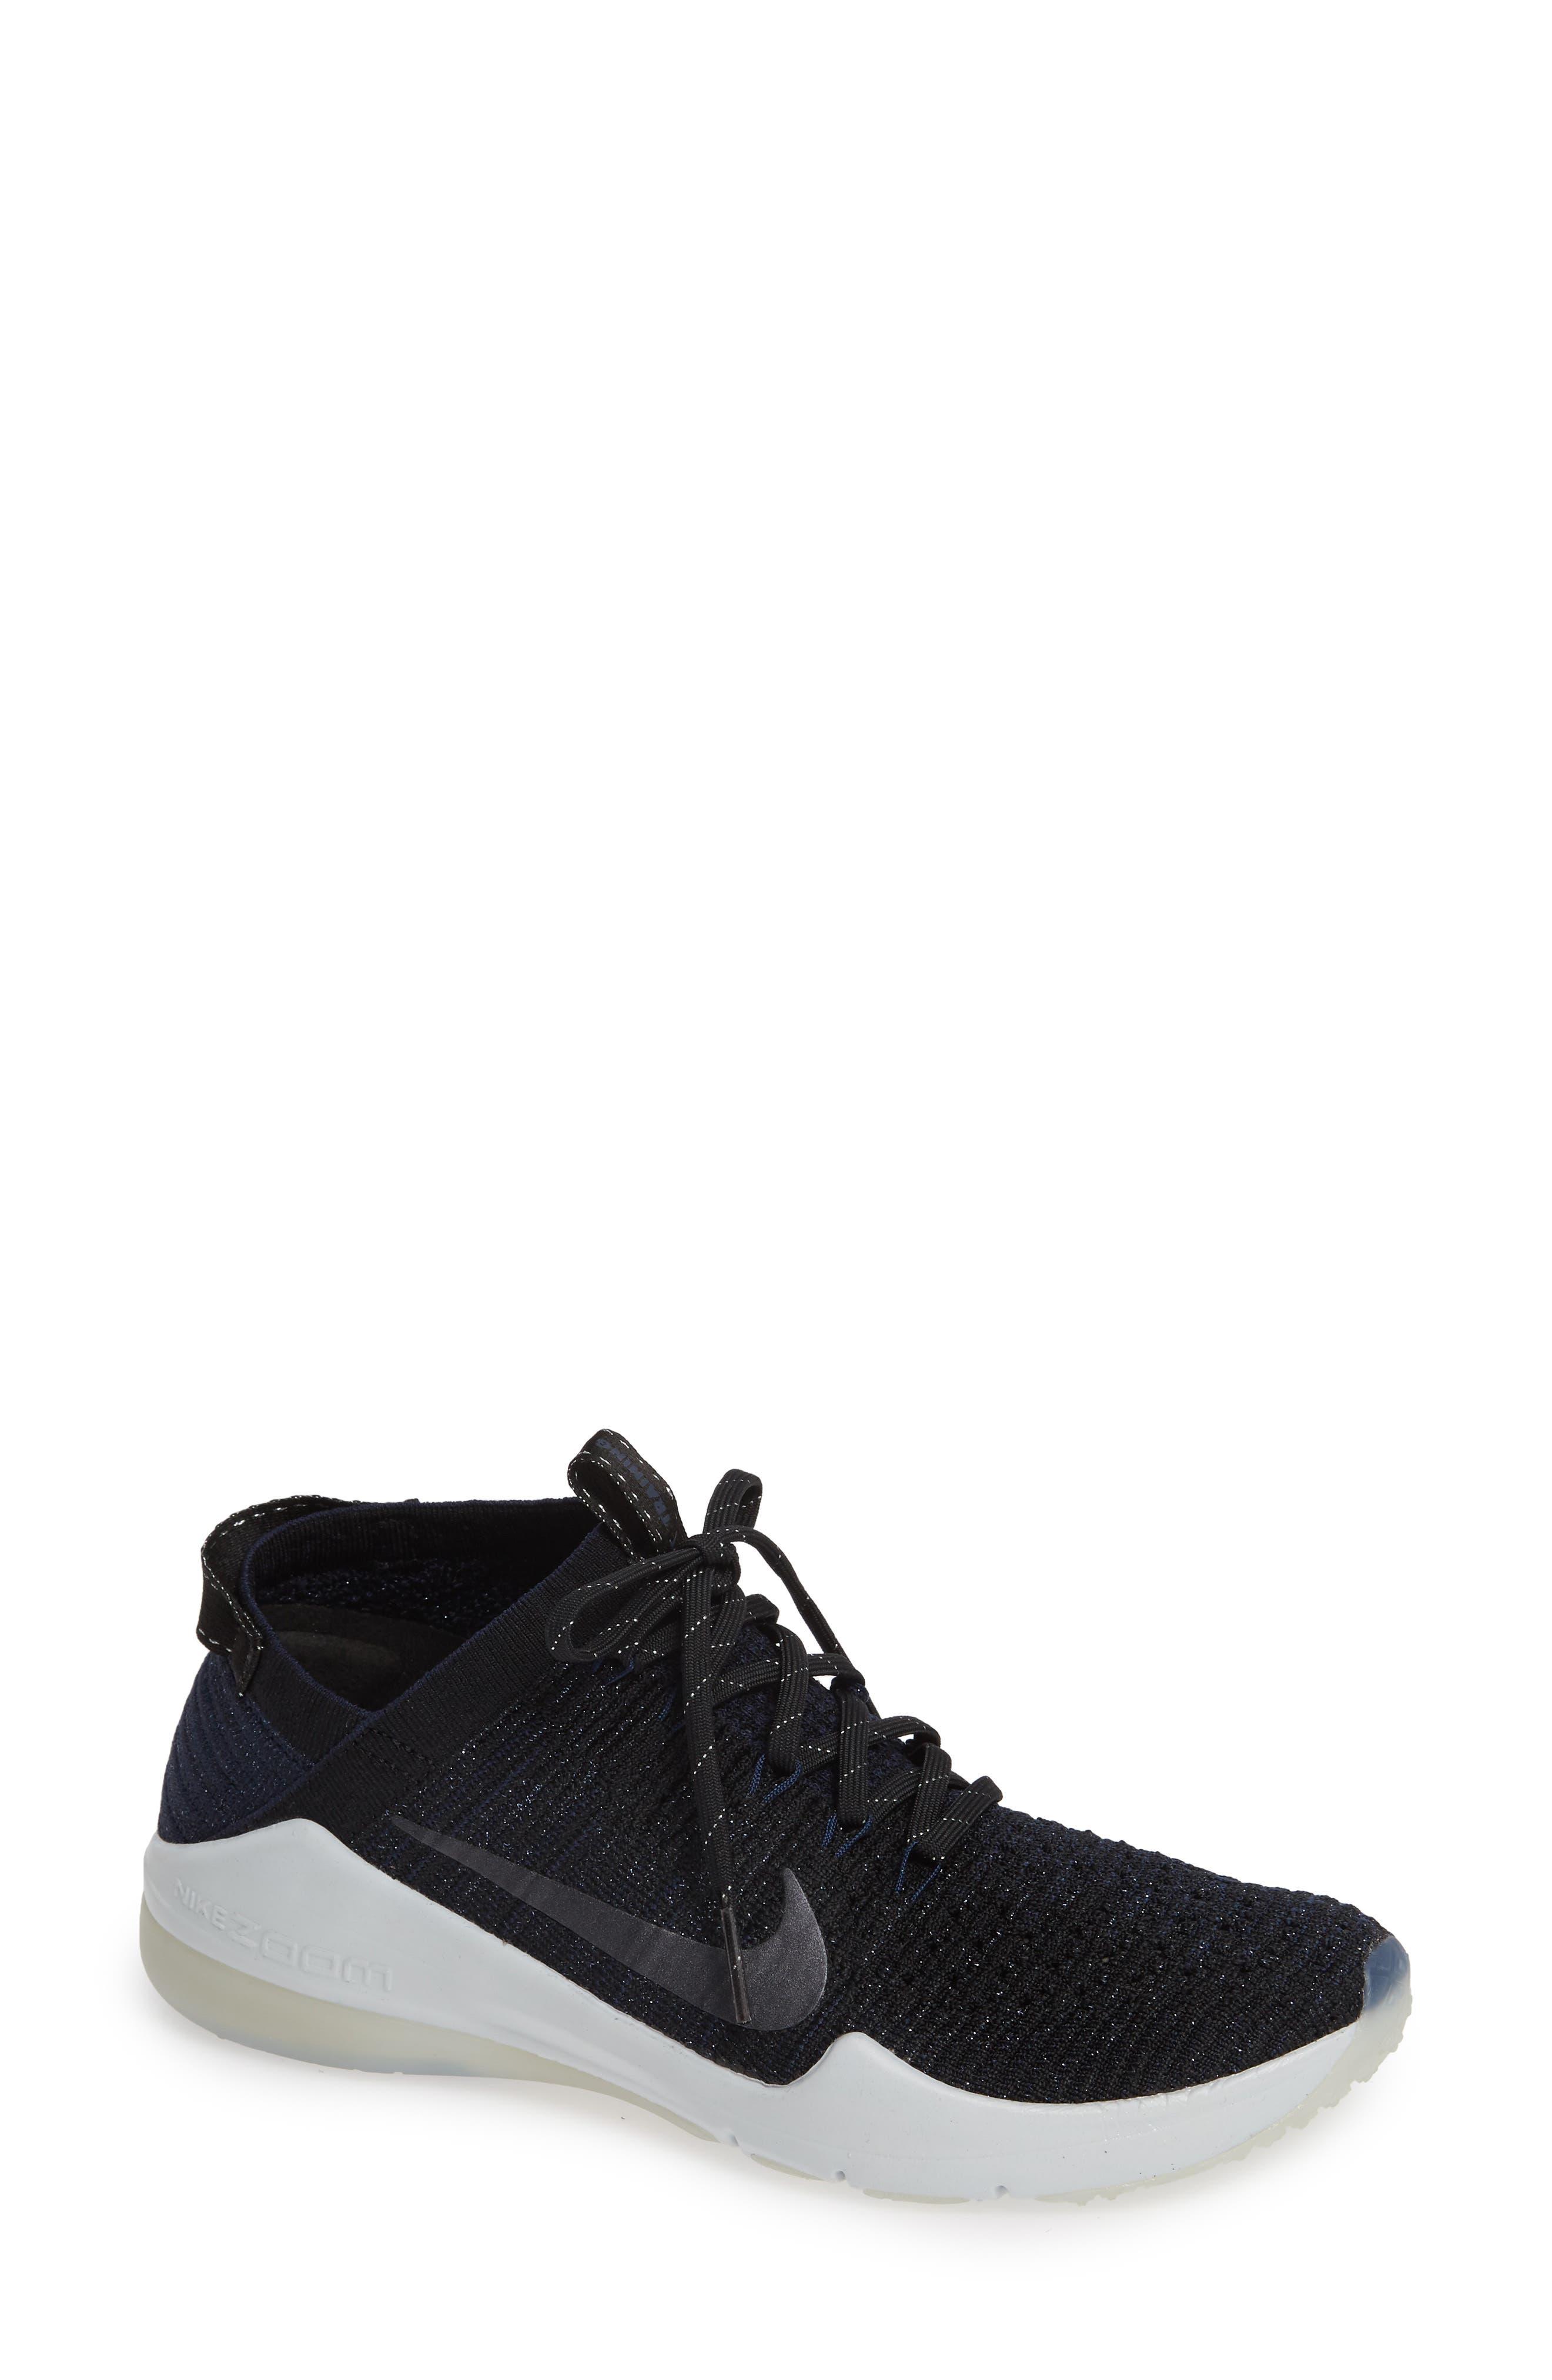 Air Zoom Fearless Flyknit 2 Metallic Sneakers in Black/ Metallic Navy- Navy